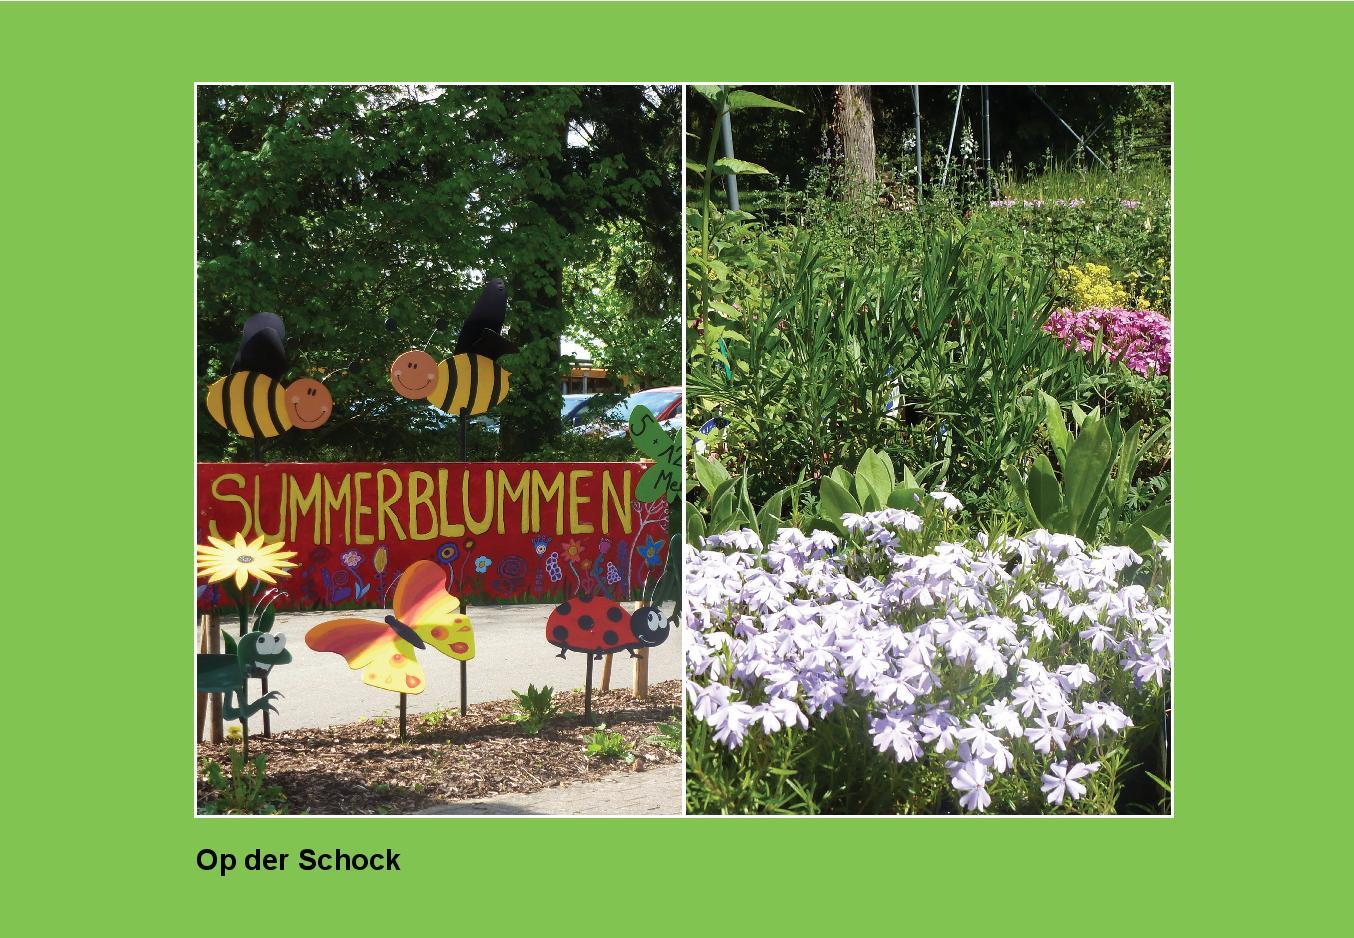 Op der Schock__4-page-001